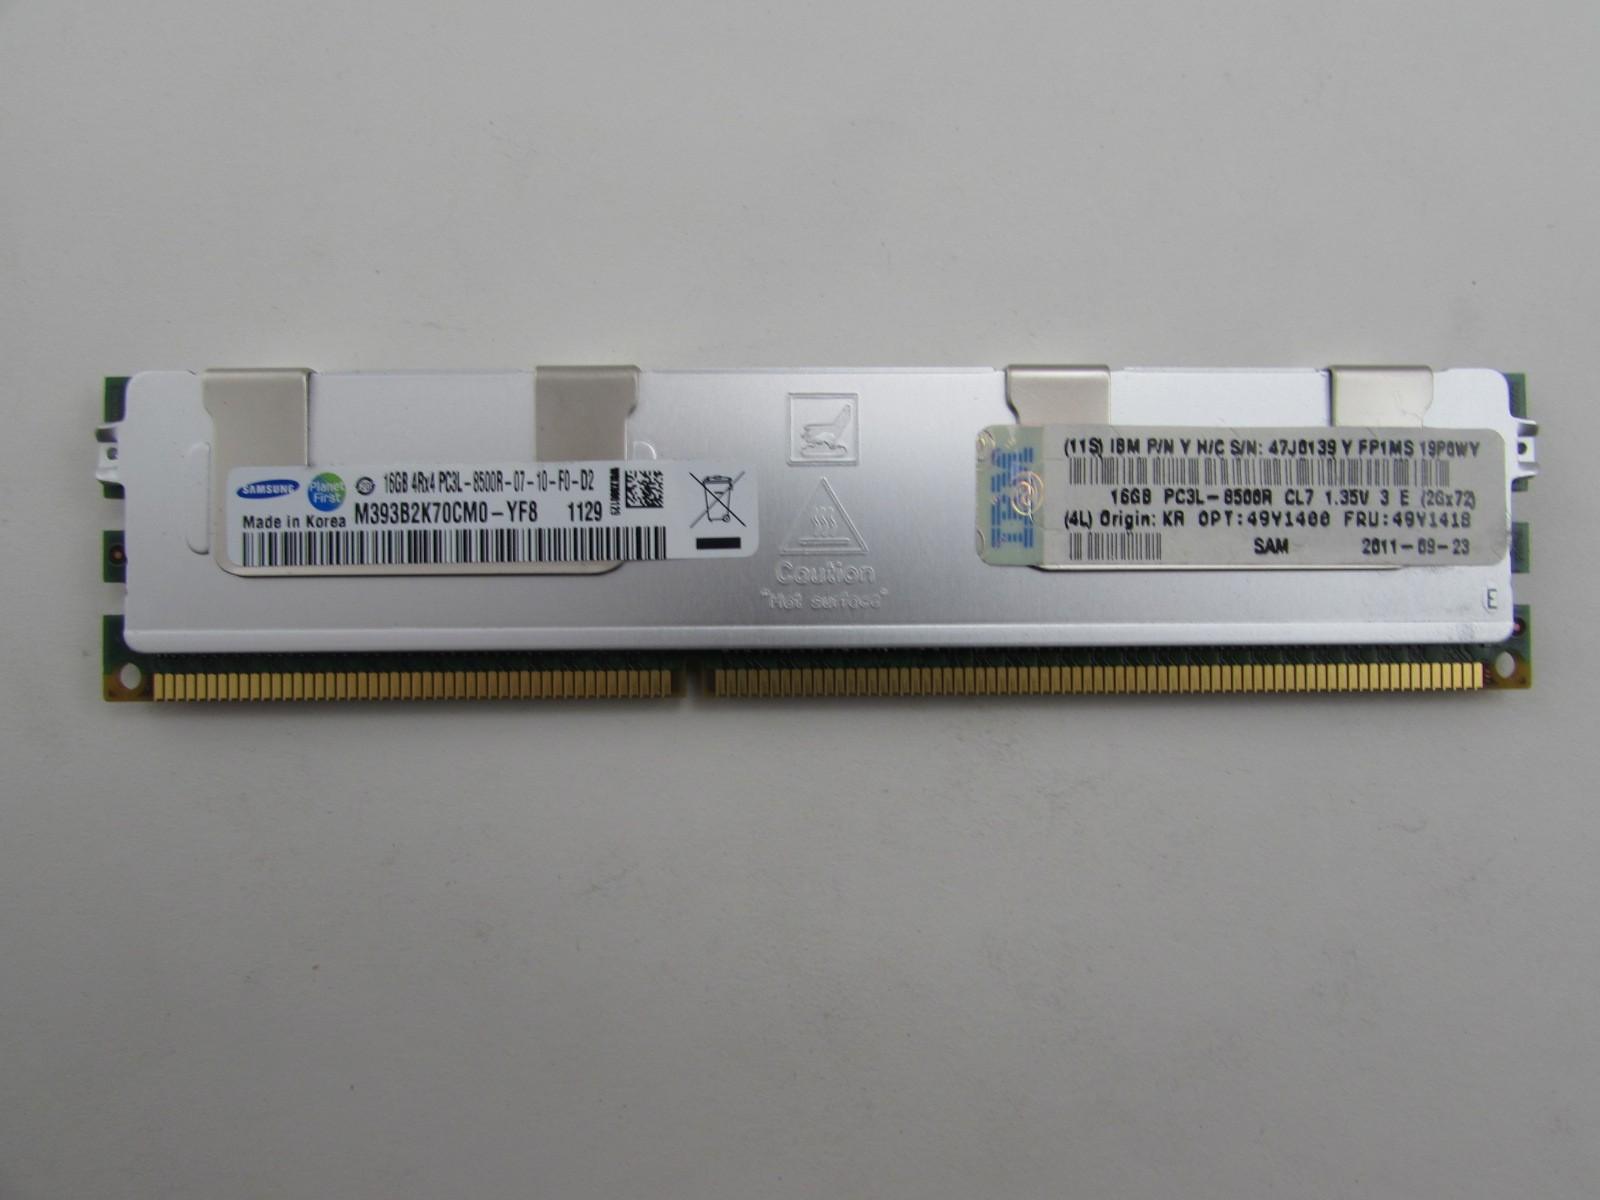 Ibm 49y1418 16gb Pc3 8500r Ddr3 1066 Ecc Reg Server Memory Samsung 12800r Rdimm M393b2k70cm0